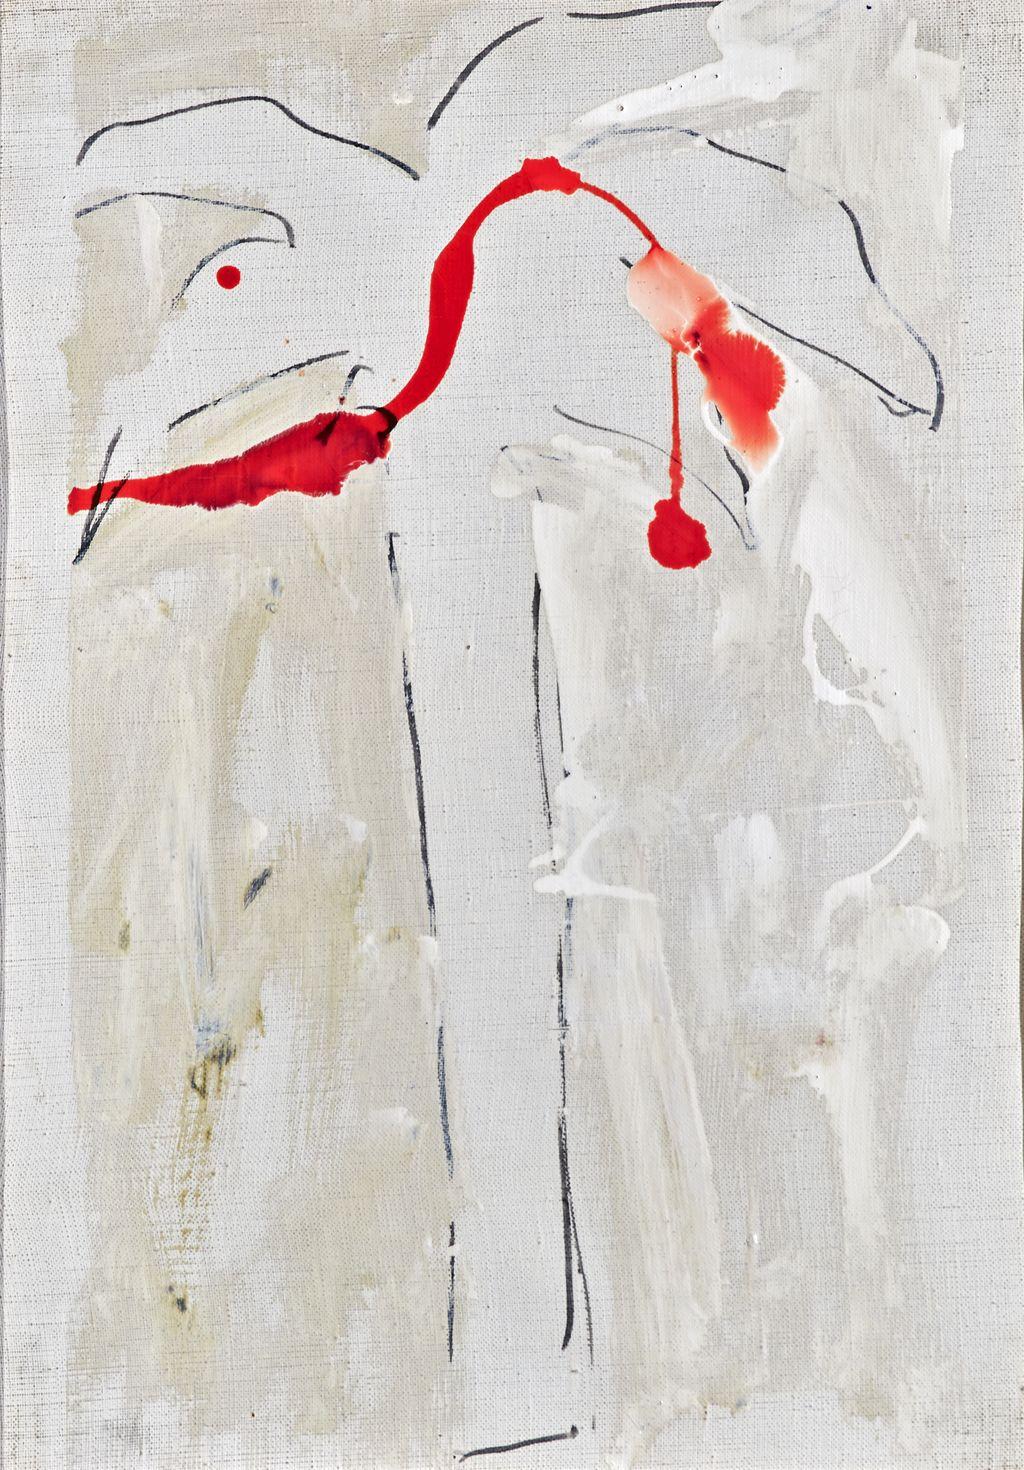 palma (dipinto) di Schifano Mario (sec. XX)